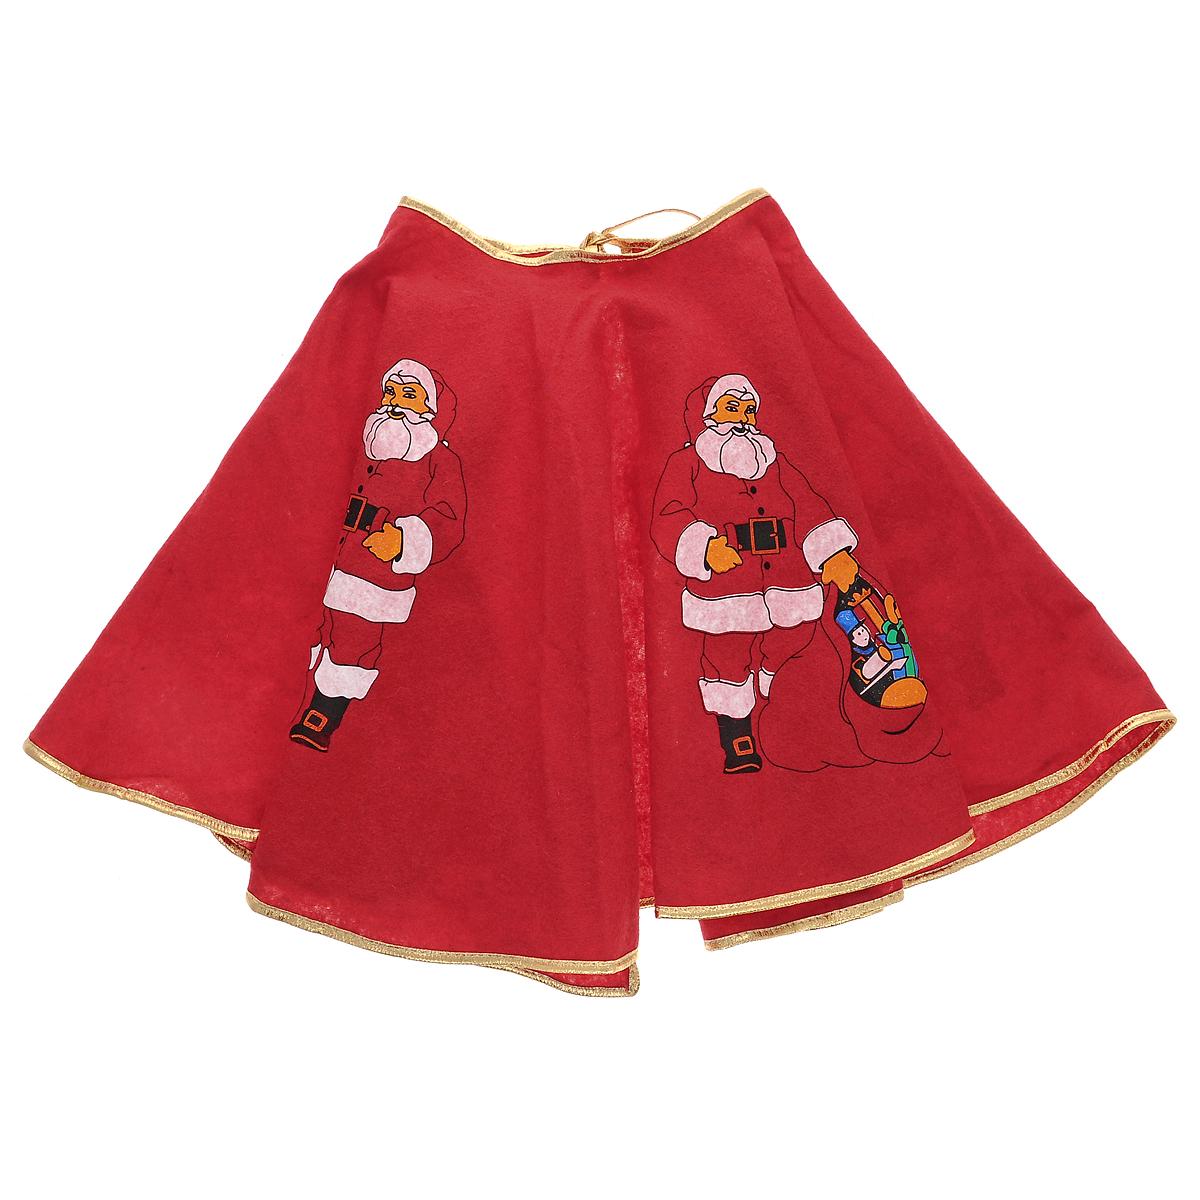 Новогоднее украшение для ели Красная юбка, цвет: красный, 90 см35345Оригинальное новогоднее украшение для ели Красная юбка, выполненное из красного фетра, прекрасно подойдет для праздничного декора дома и новогодней ели. С помощью специальных завязок юбку легко прикрепить на праздничную елку.Елочная игрушка - символ Нового года. Она несет в себе волшебство и красоту праздника. Создайте в своем доме атмосферу веселья и радости, украшая новогоднюю елку нарядными игрушками, которые будут из года в год накапливать теплоту воспоминаний. Материал: фетр. Размер: 90 см х 39 см.